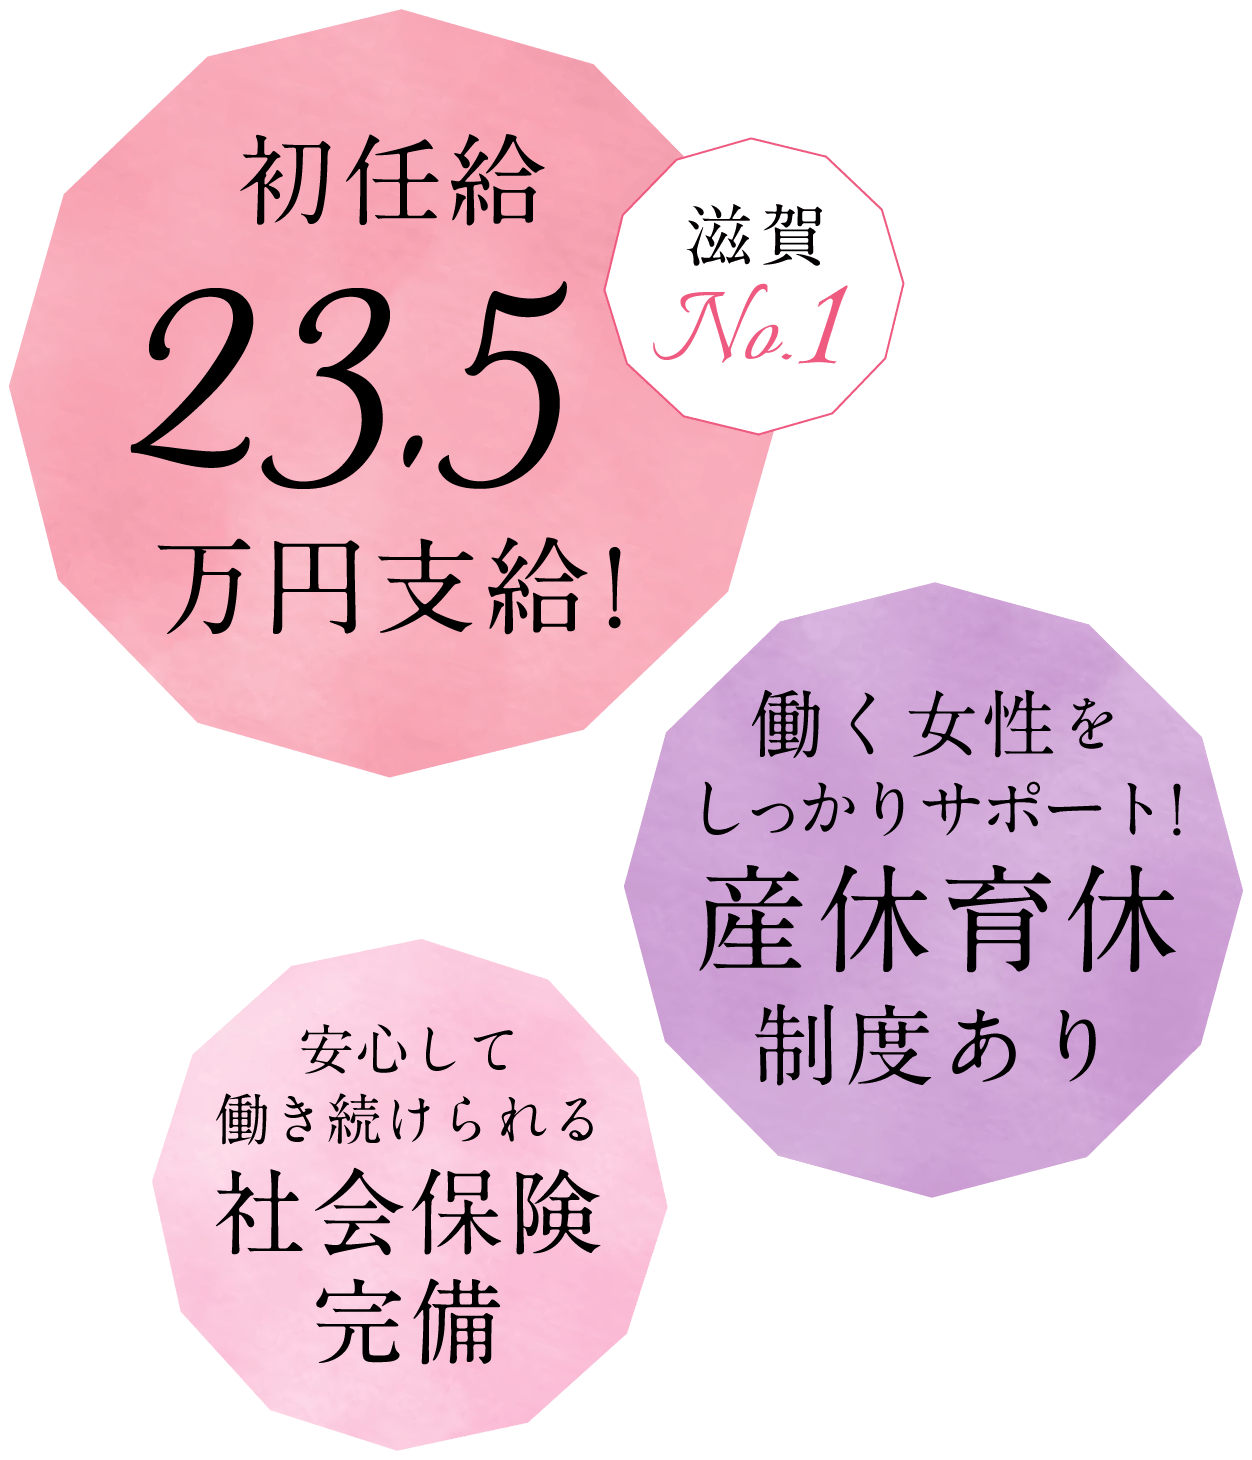 初任給23.5万円支給 社会保険完備 産休育休制度あり